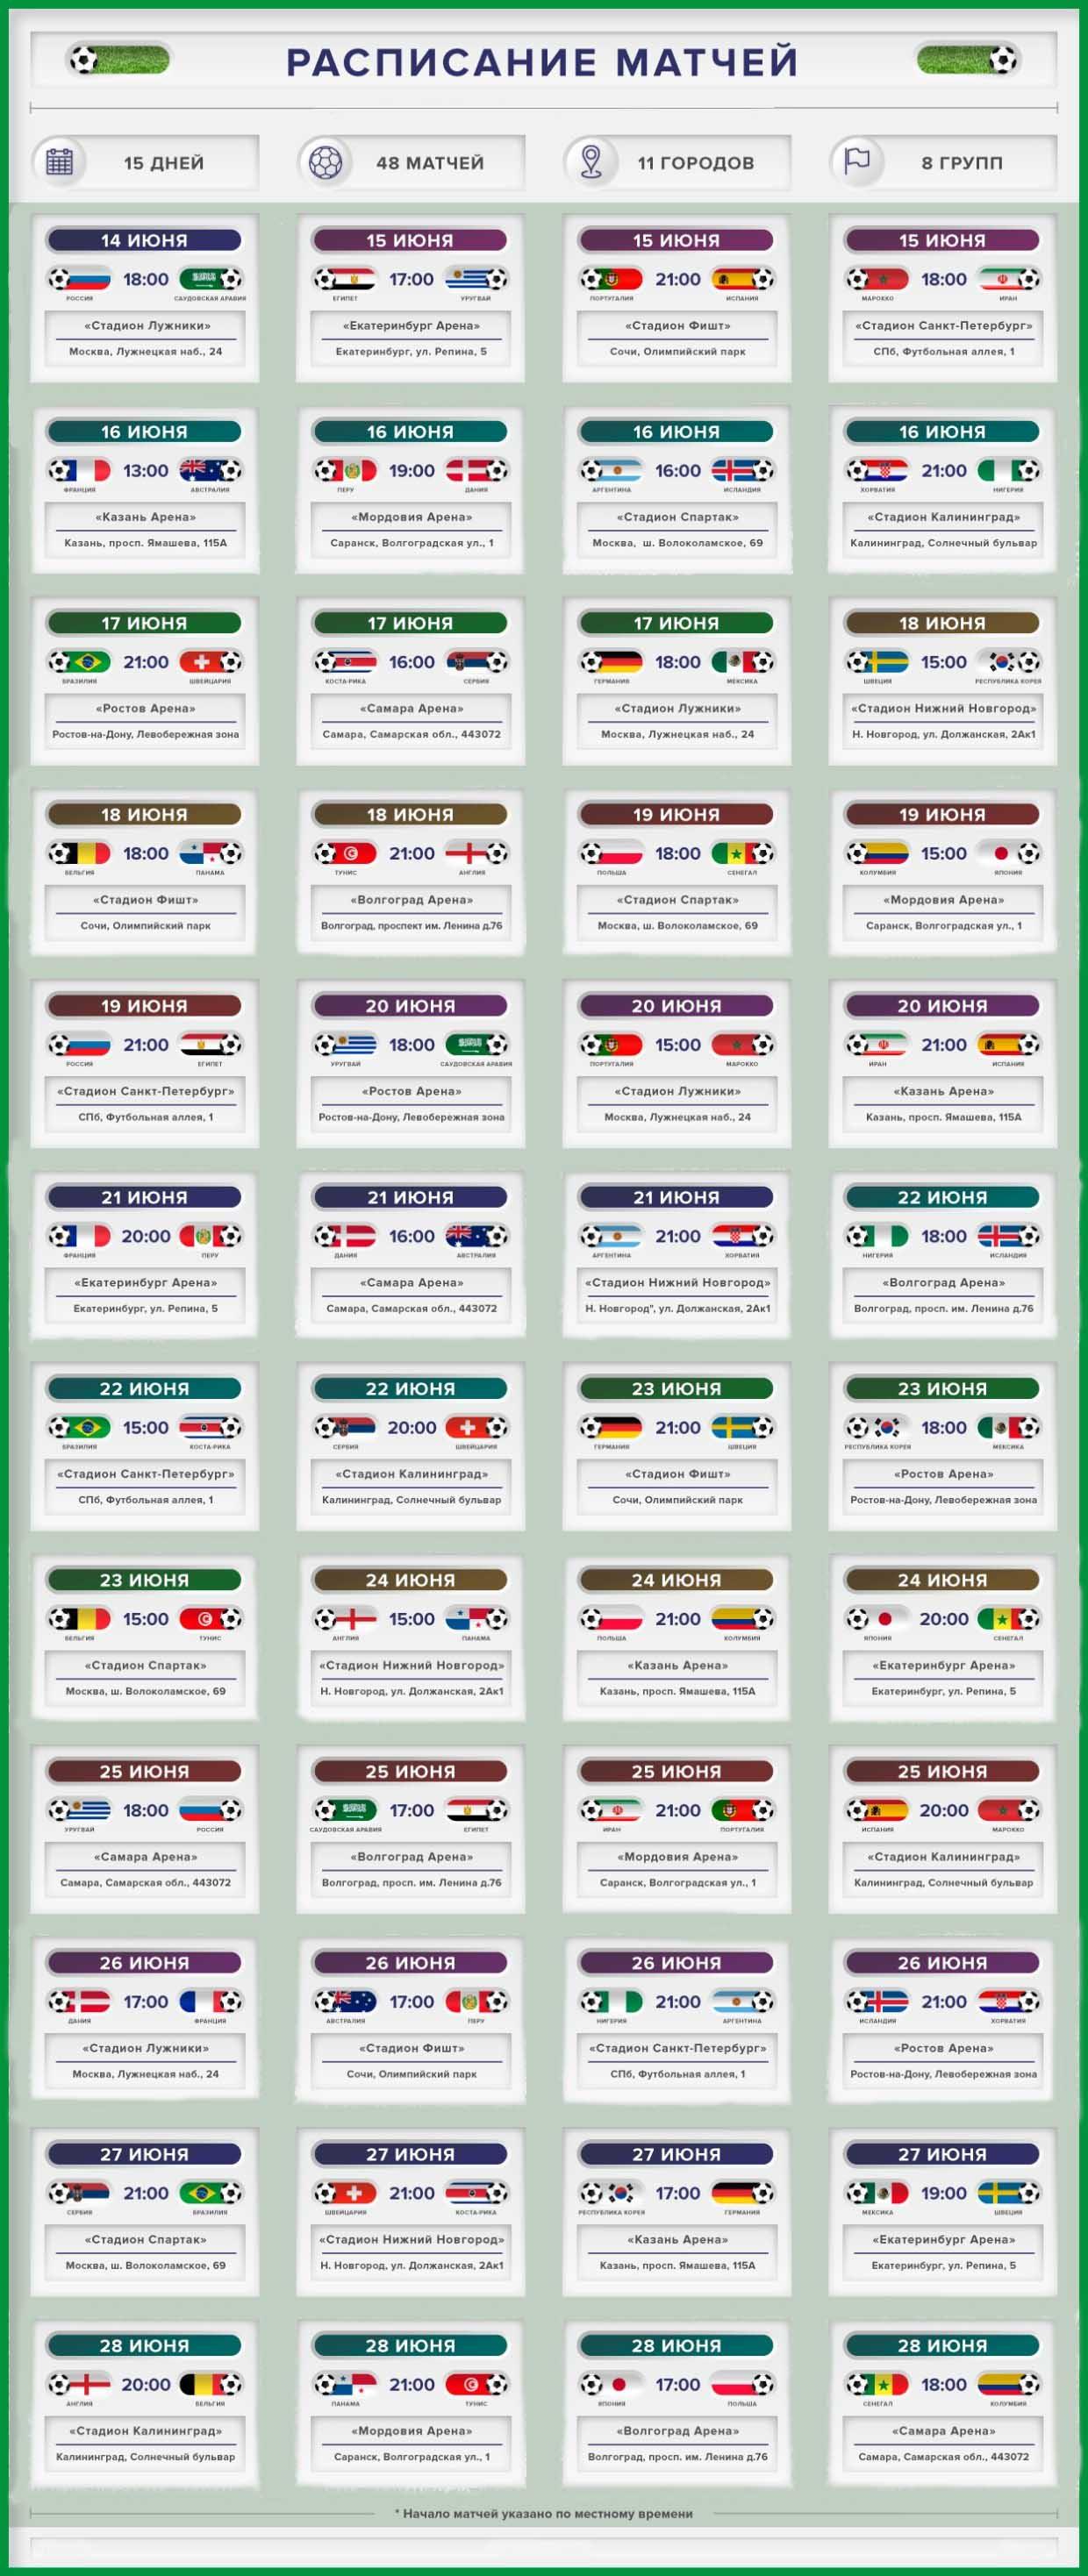 Расписание чемпионата мира по футболу 2018 в России